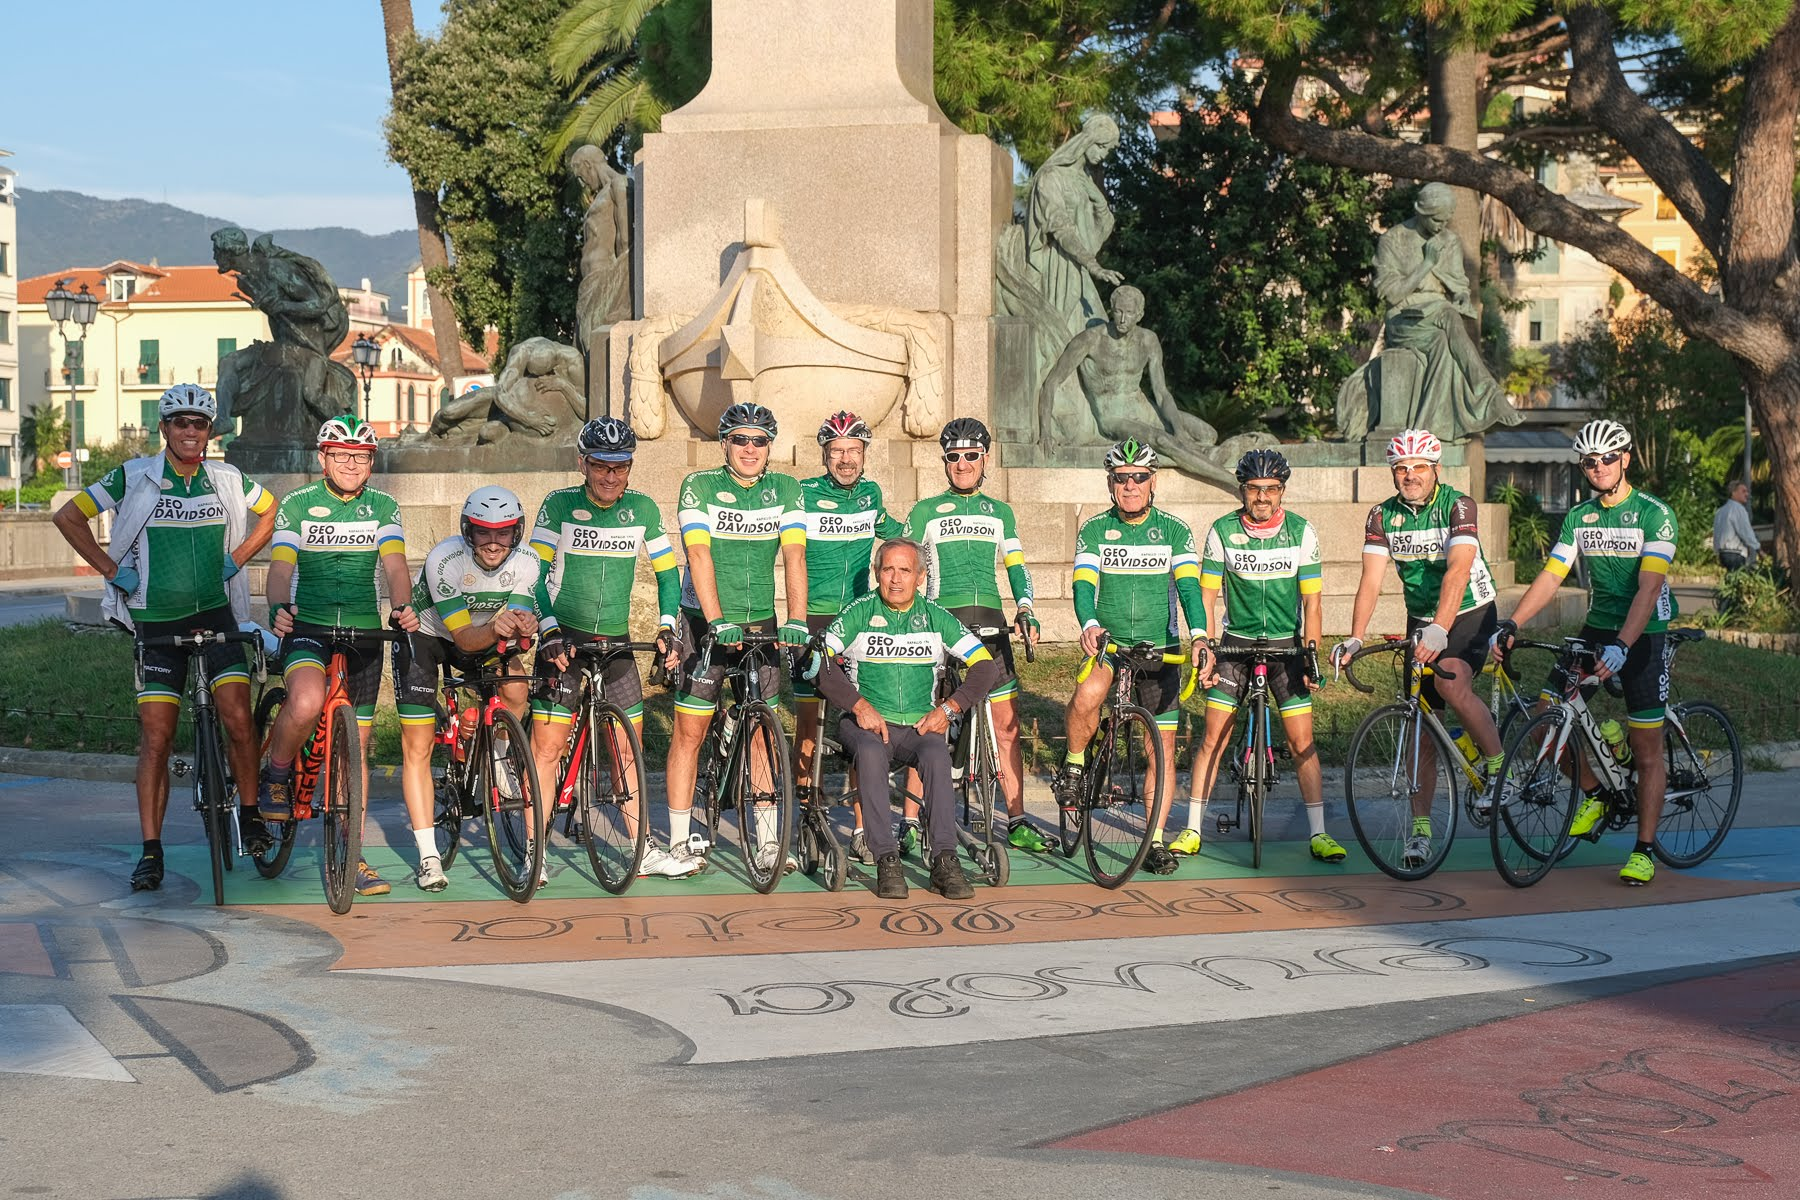 Foto di gruppo con bici